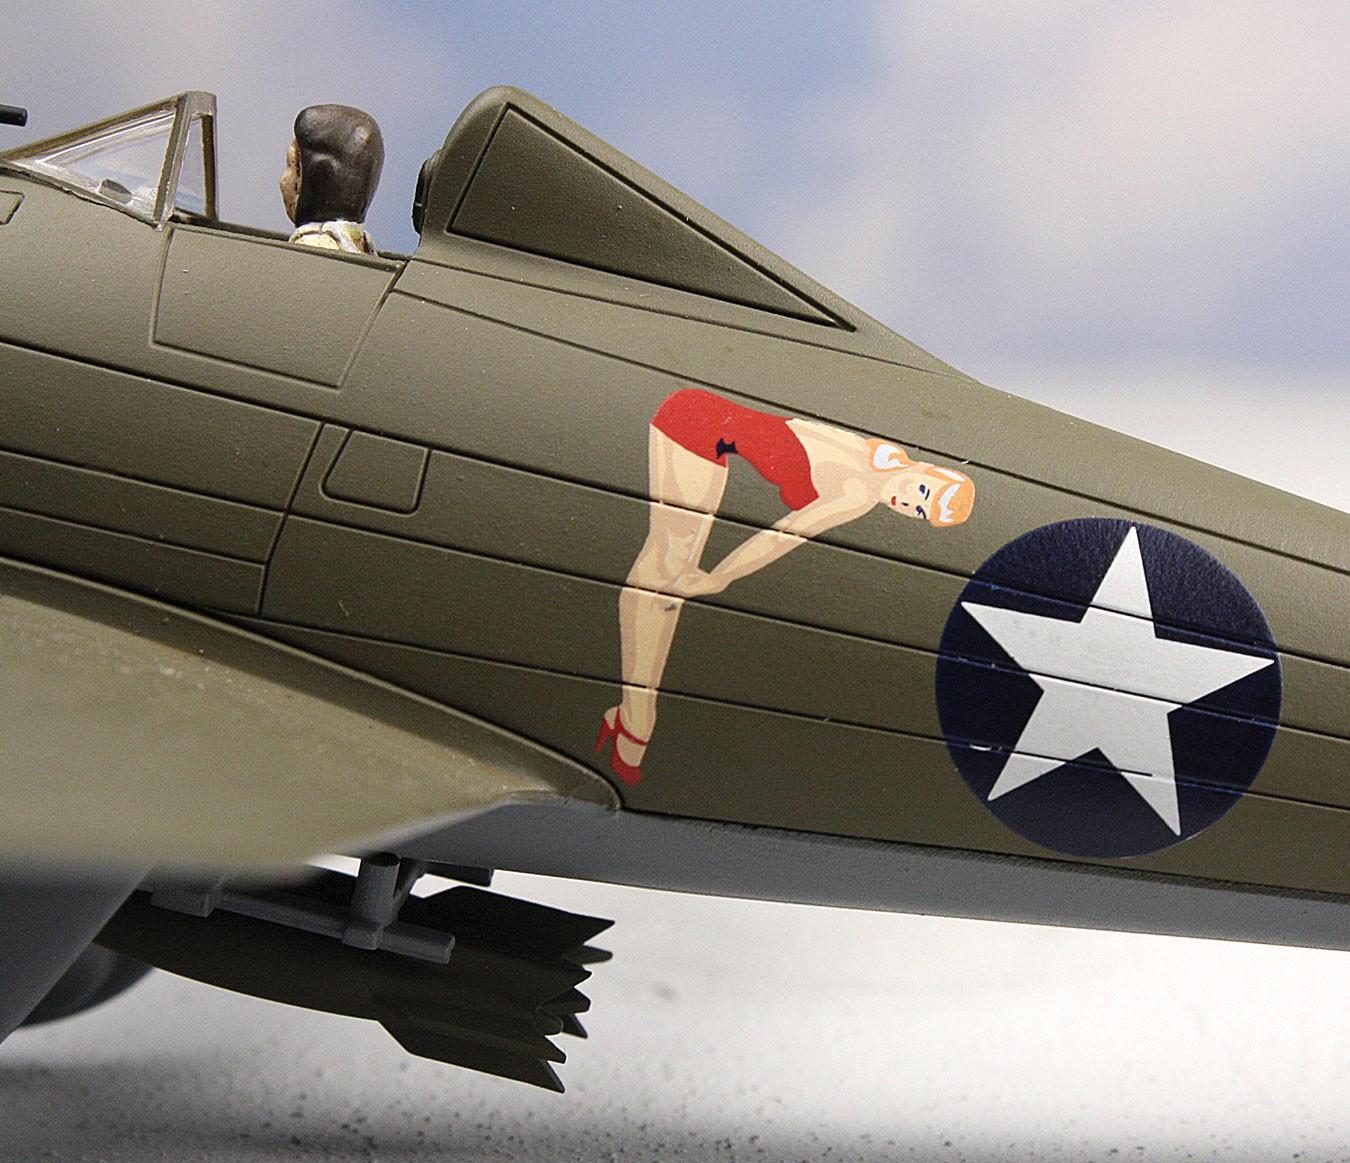 Hobby Master P-26 Peashooter 1/48 Die-cast Model EzToys